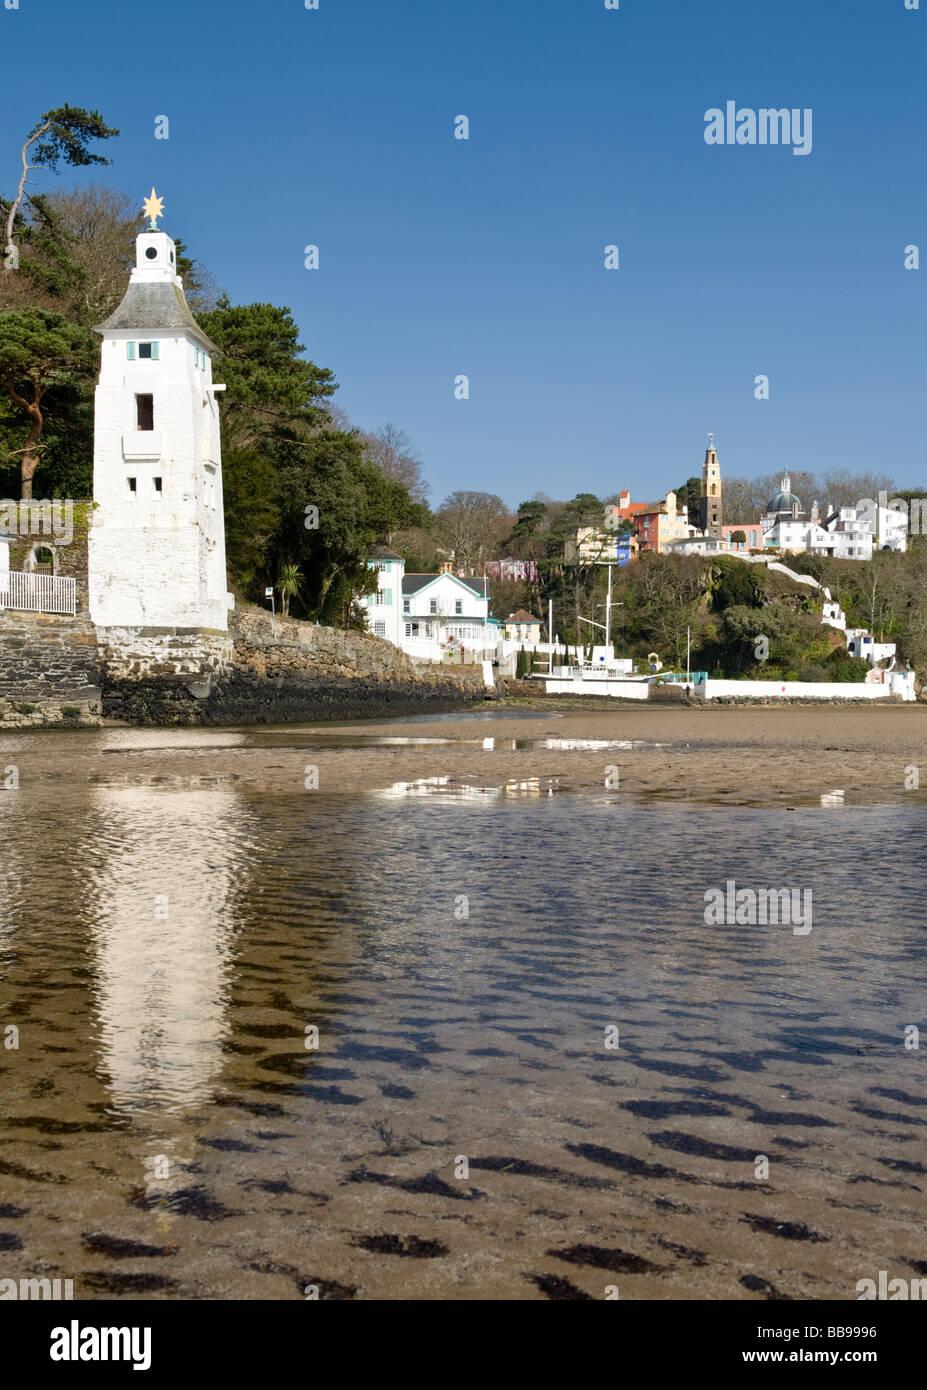 Village of Portmeirion, Near Porthmadog, Gwynedd, North Wales, UK Stock Photo